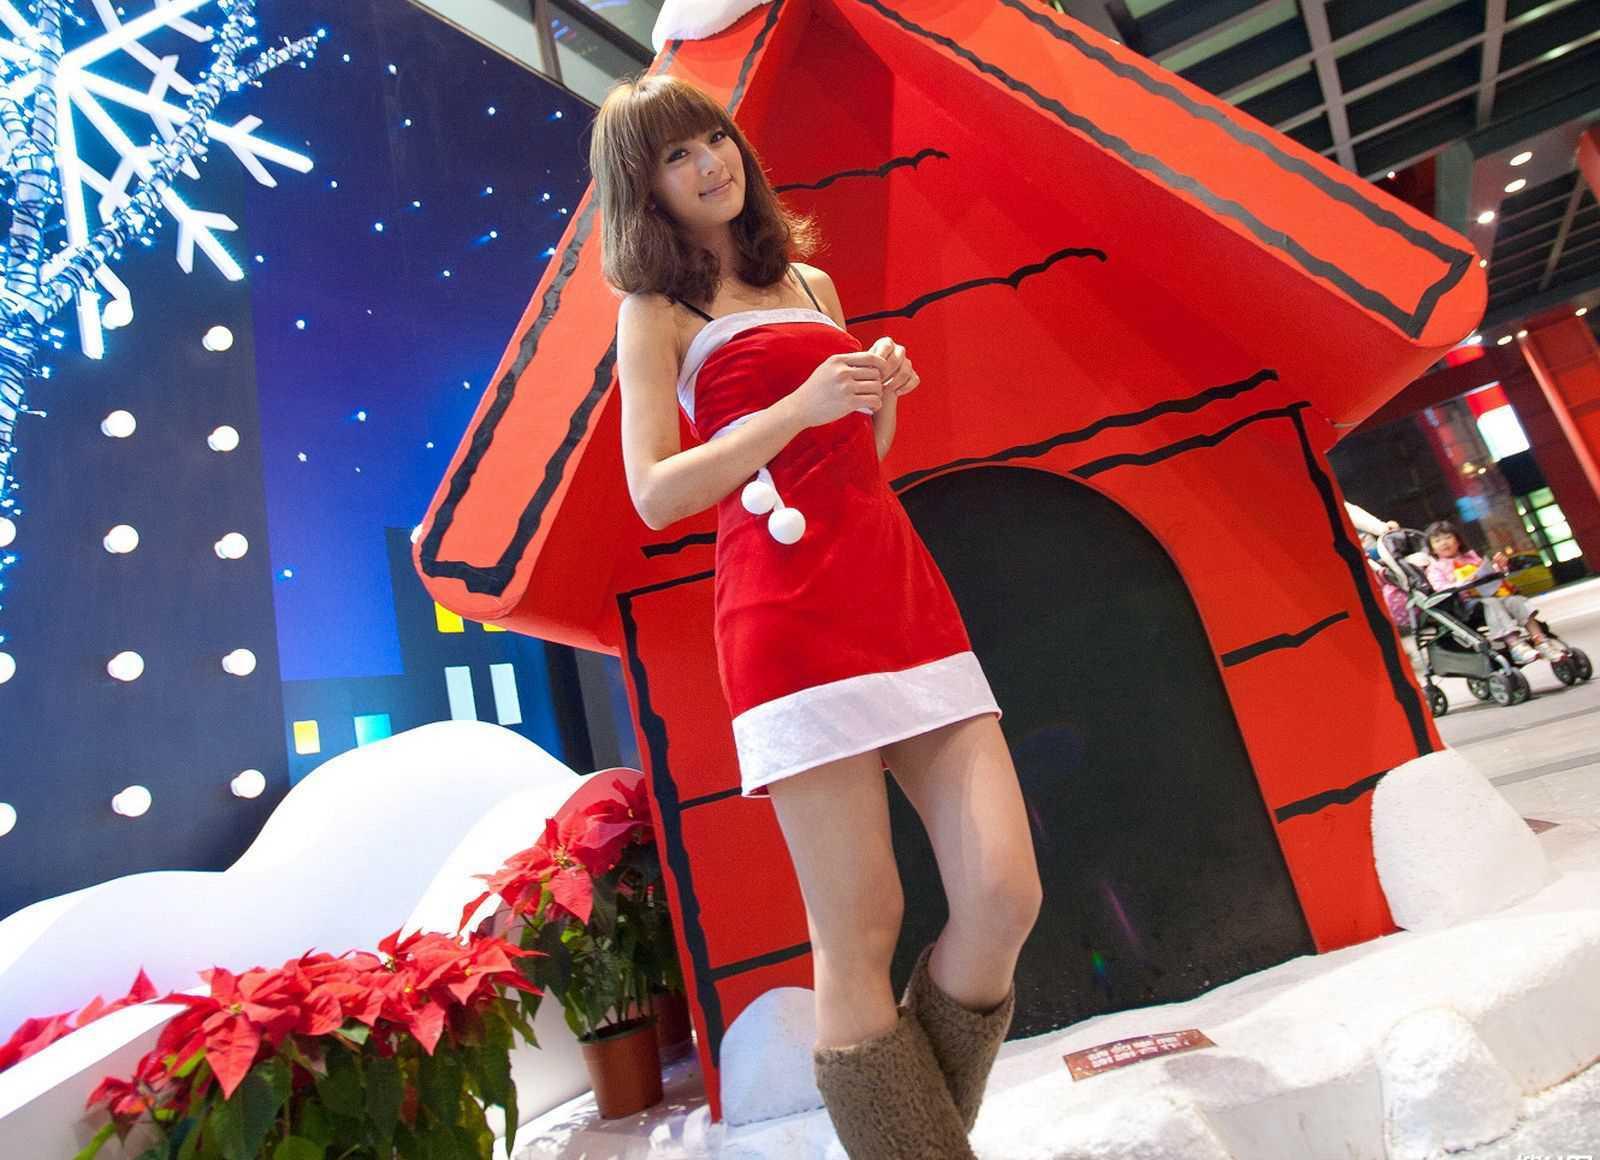 JUX-961日系清纯长腿少女吊带内衣香艳天然素人诱惑性感写真